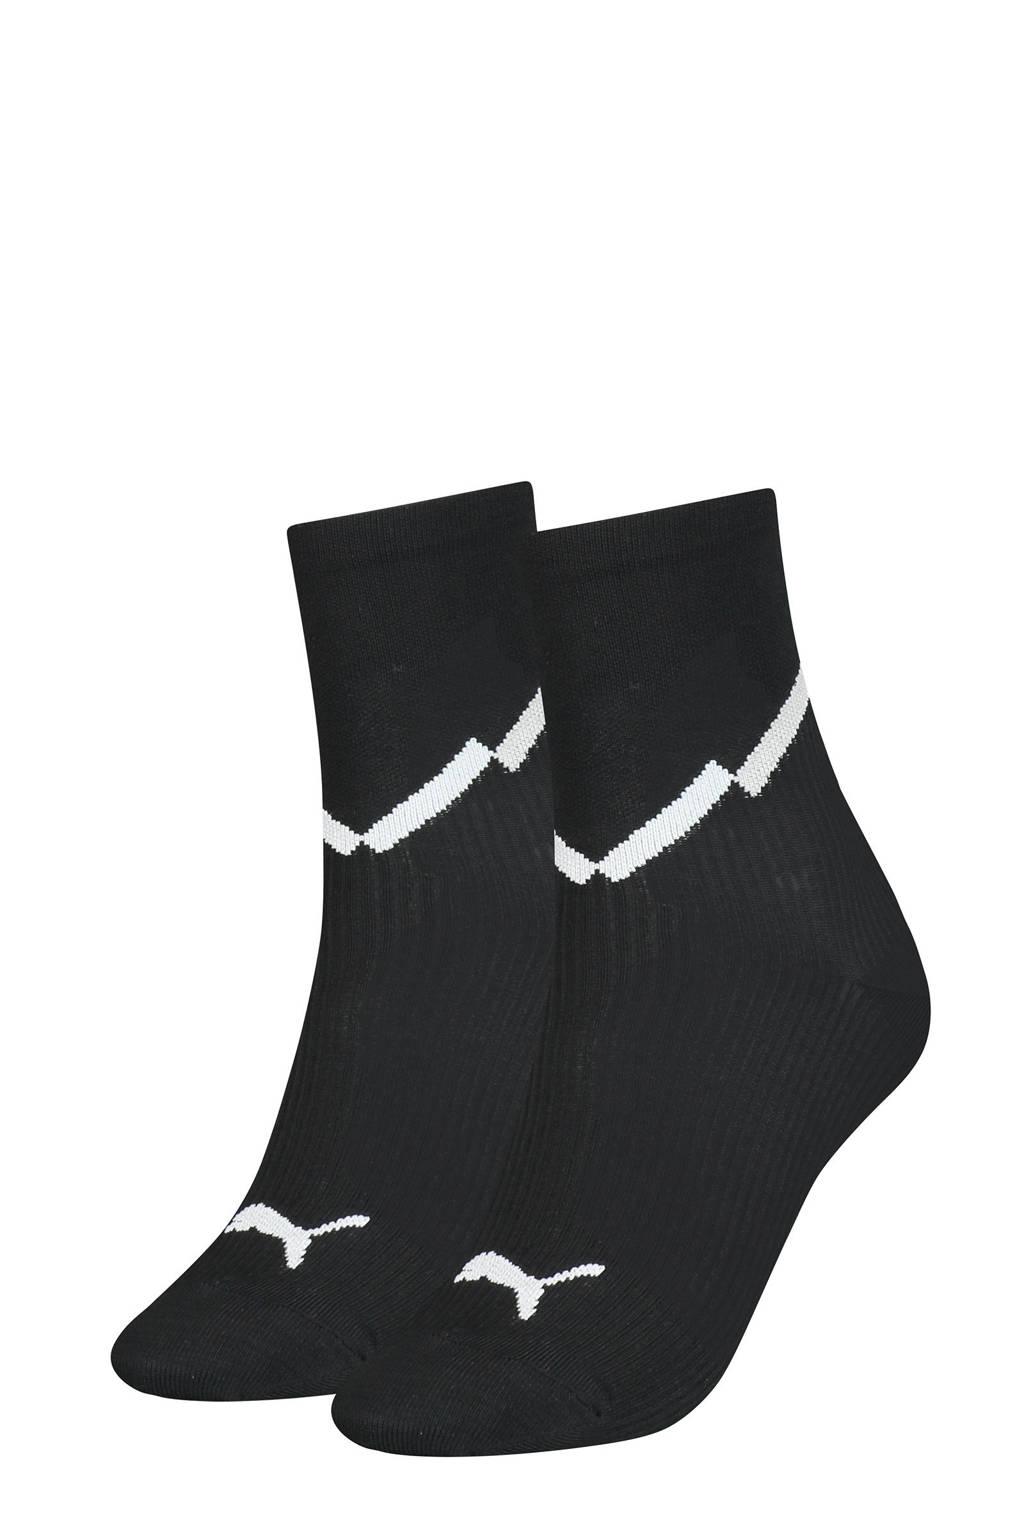 Puma sokken - set van 2 zwart, Zwart